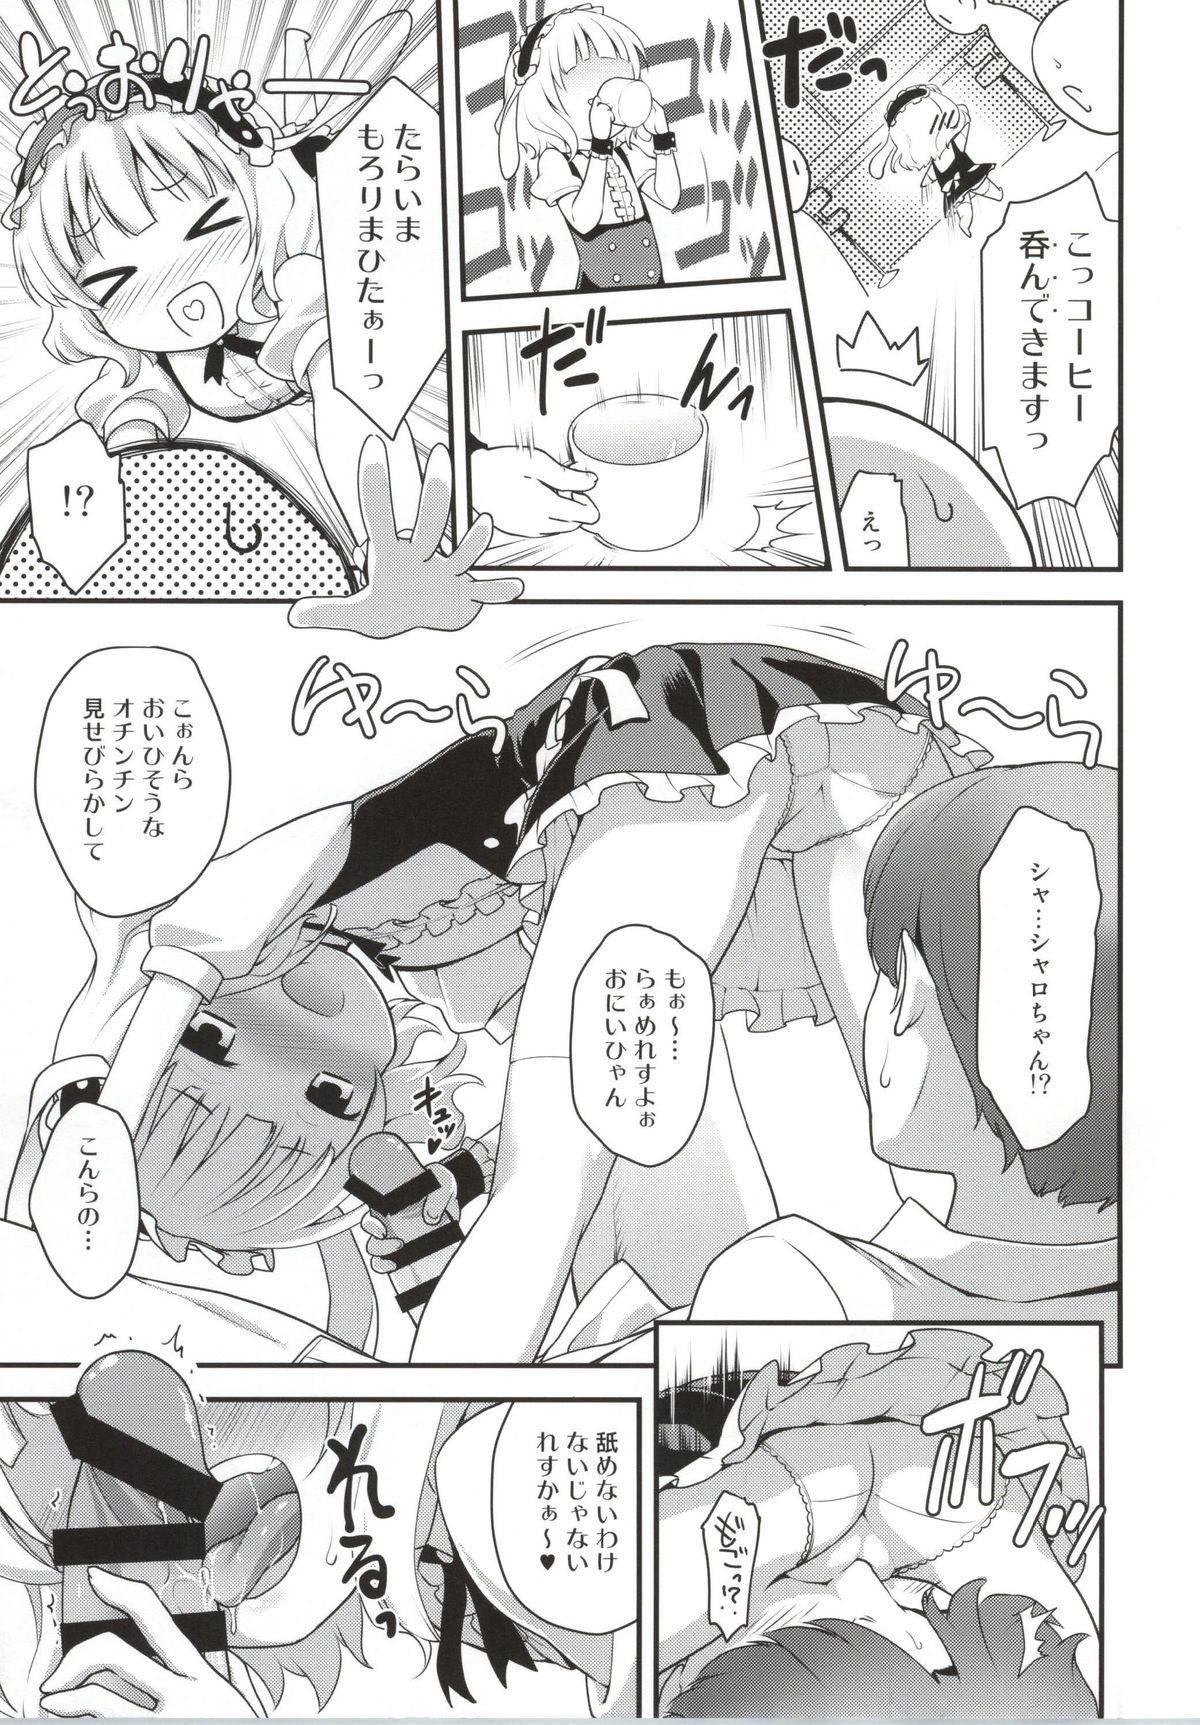 Gochuumon wa Shitagi desu ka? 9